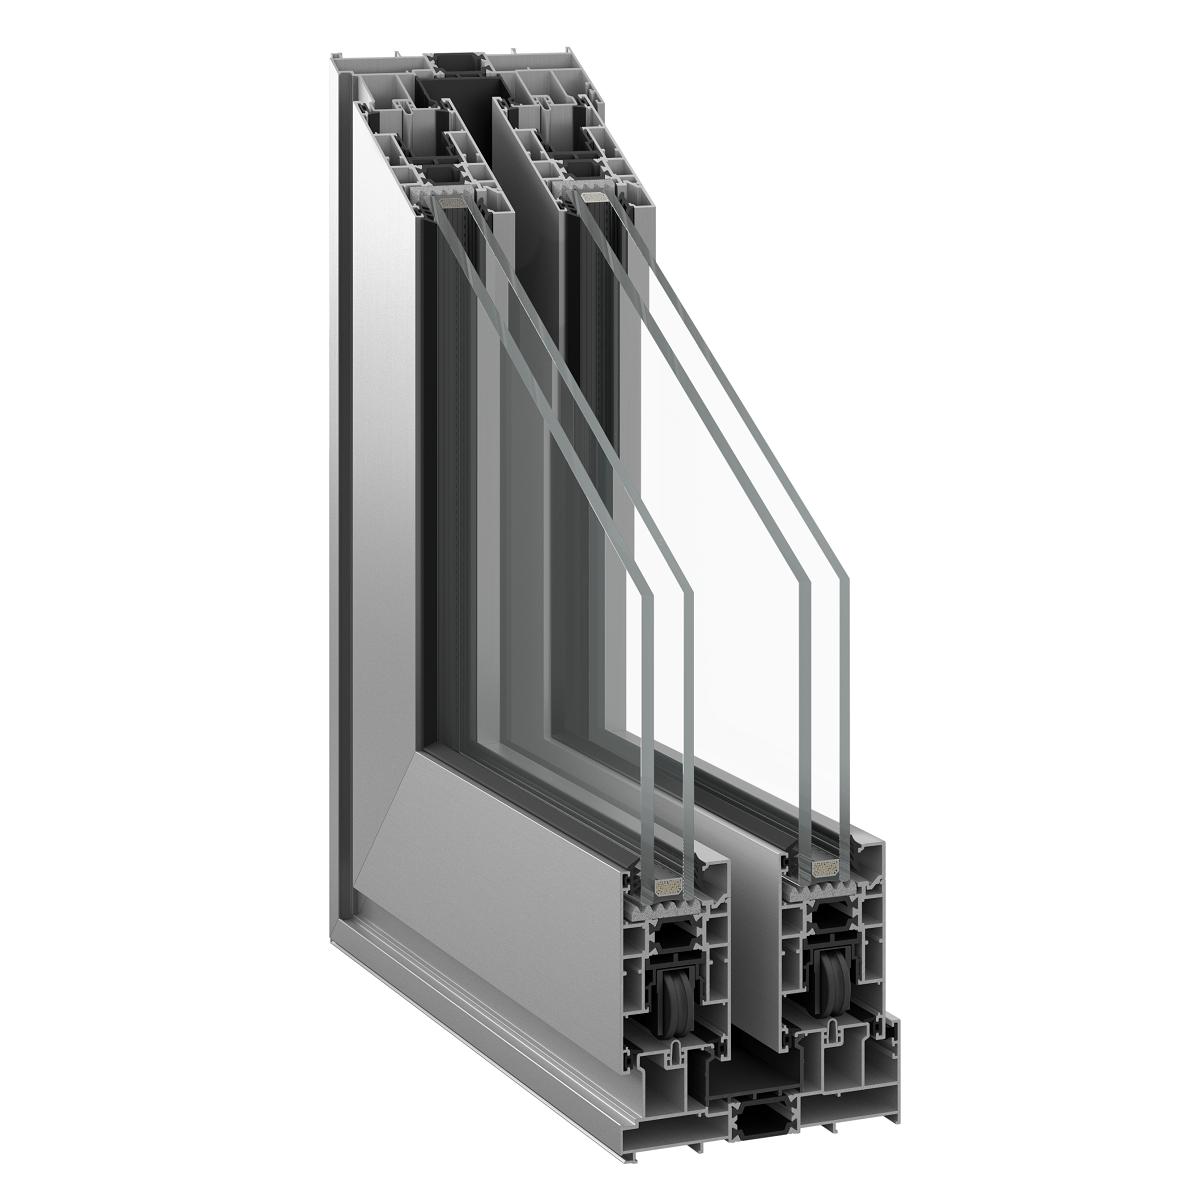 Inoform F130 Lift and Slide door